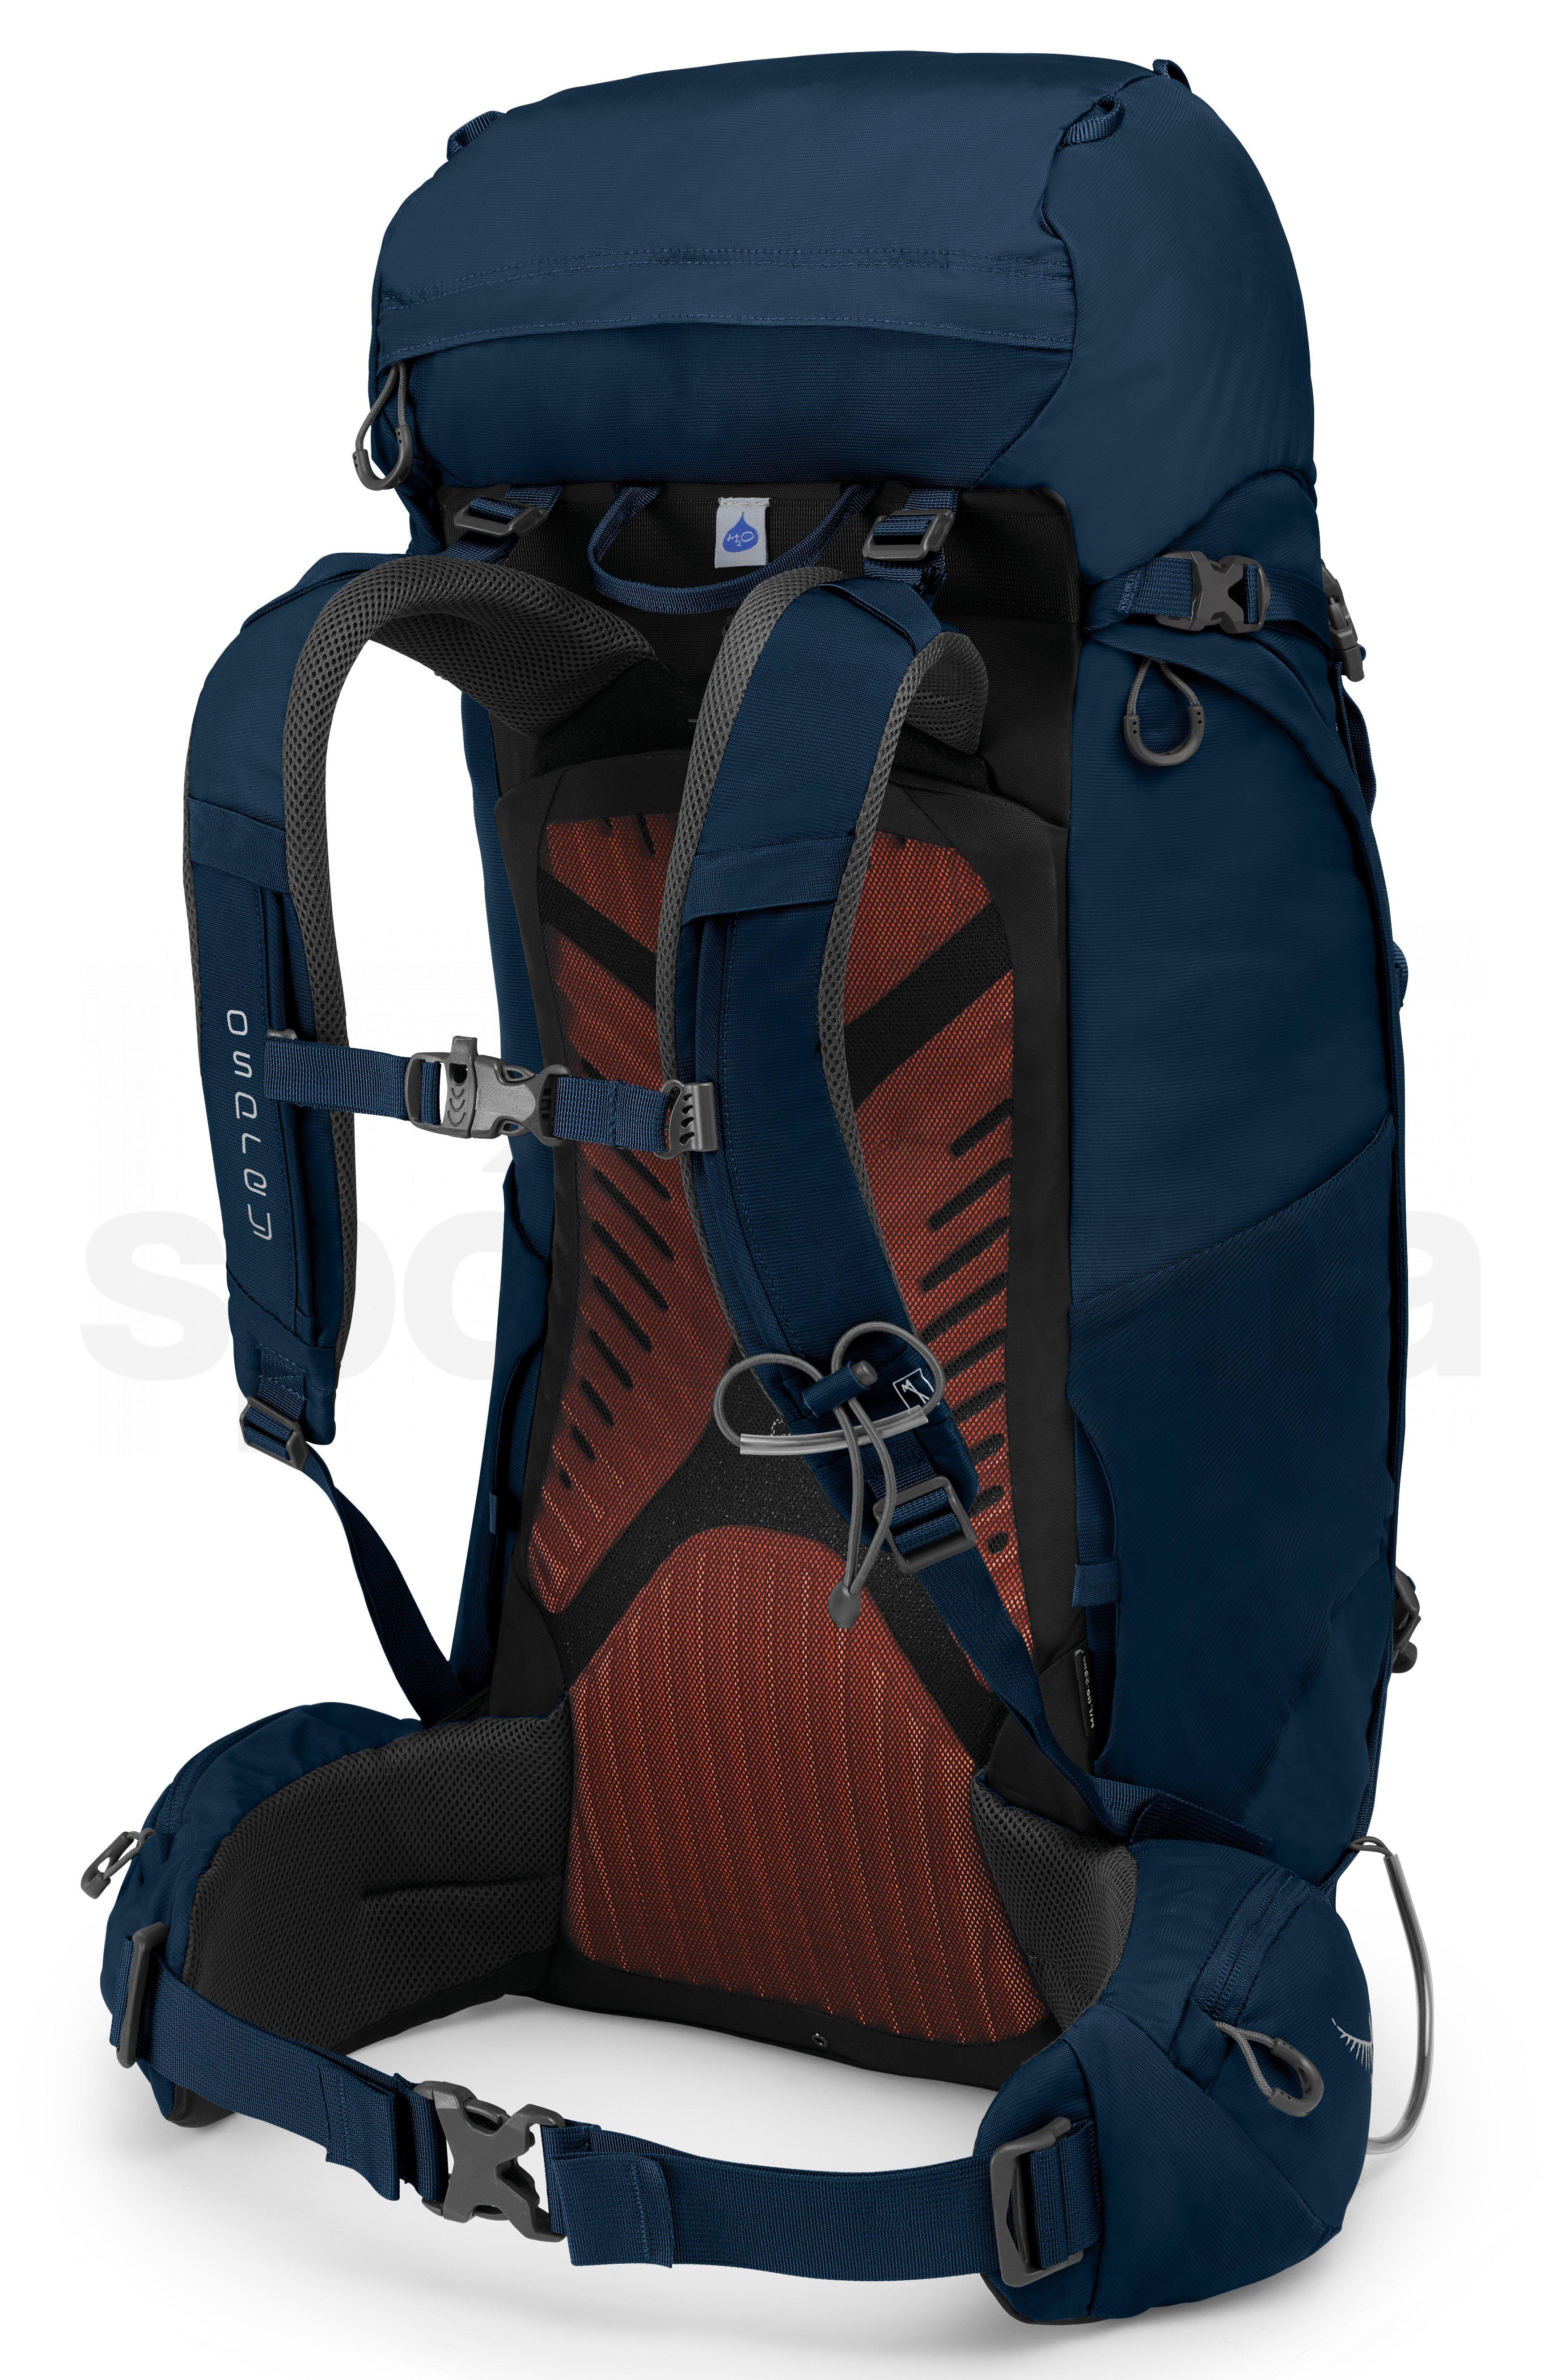 Batoh Osprey Kestrel 58 II M - modrá